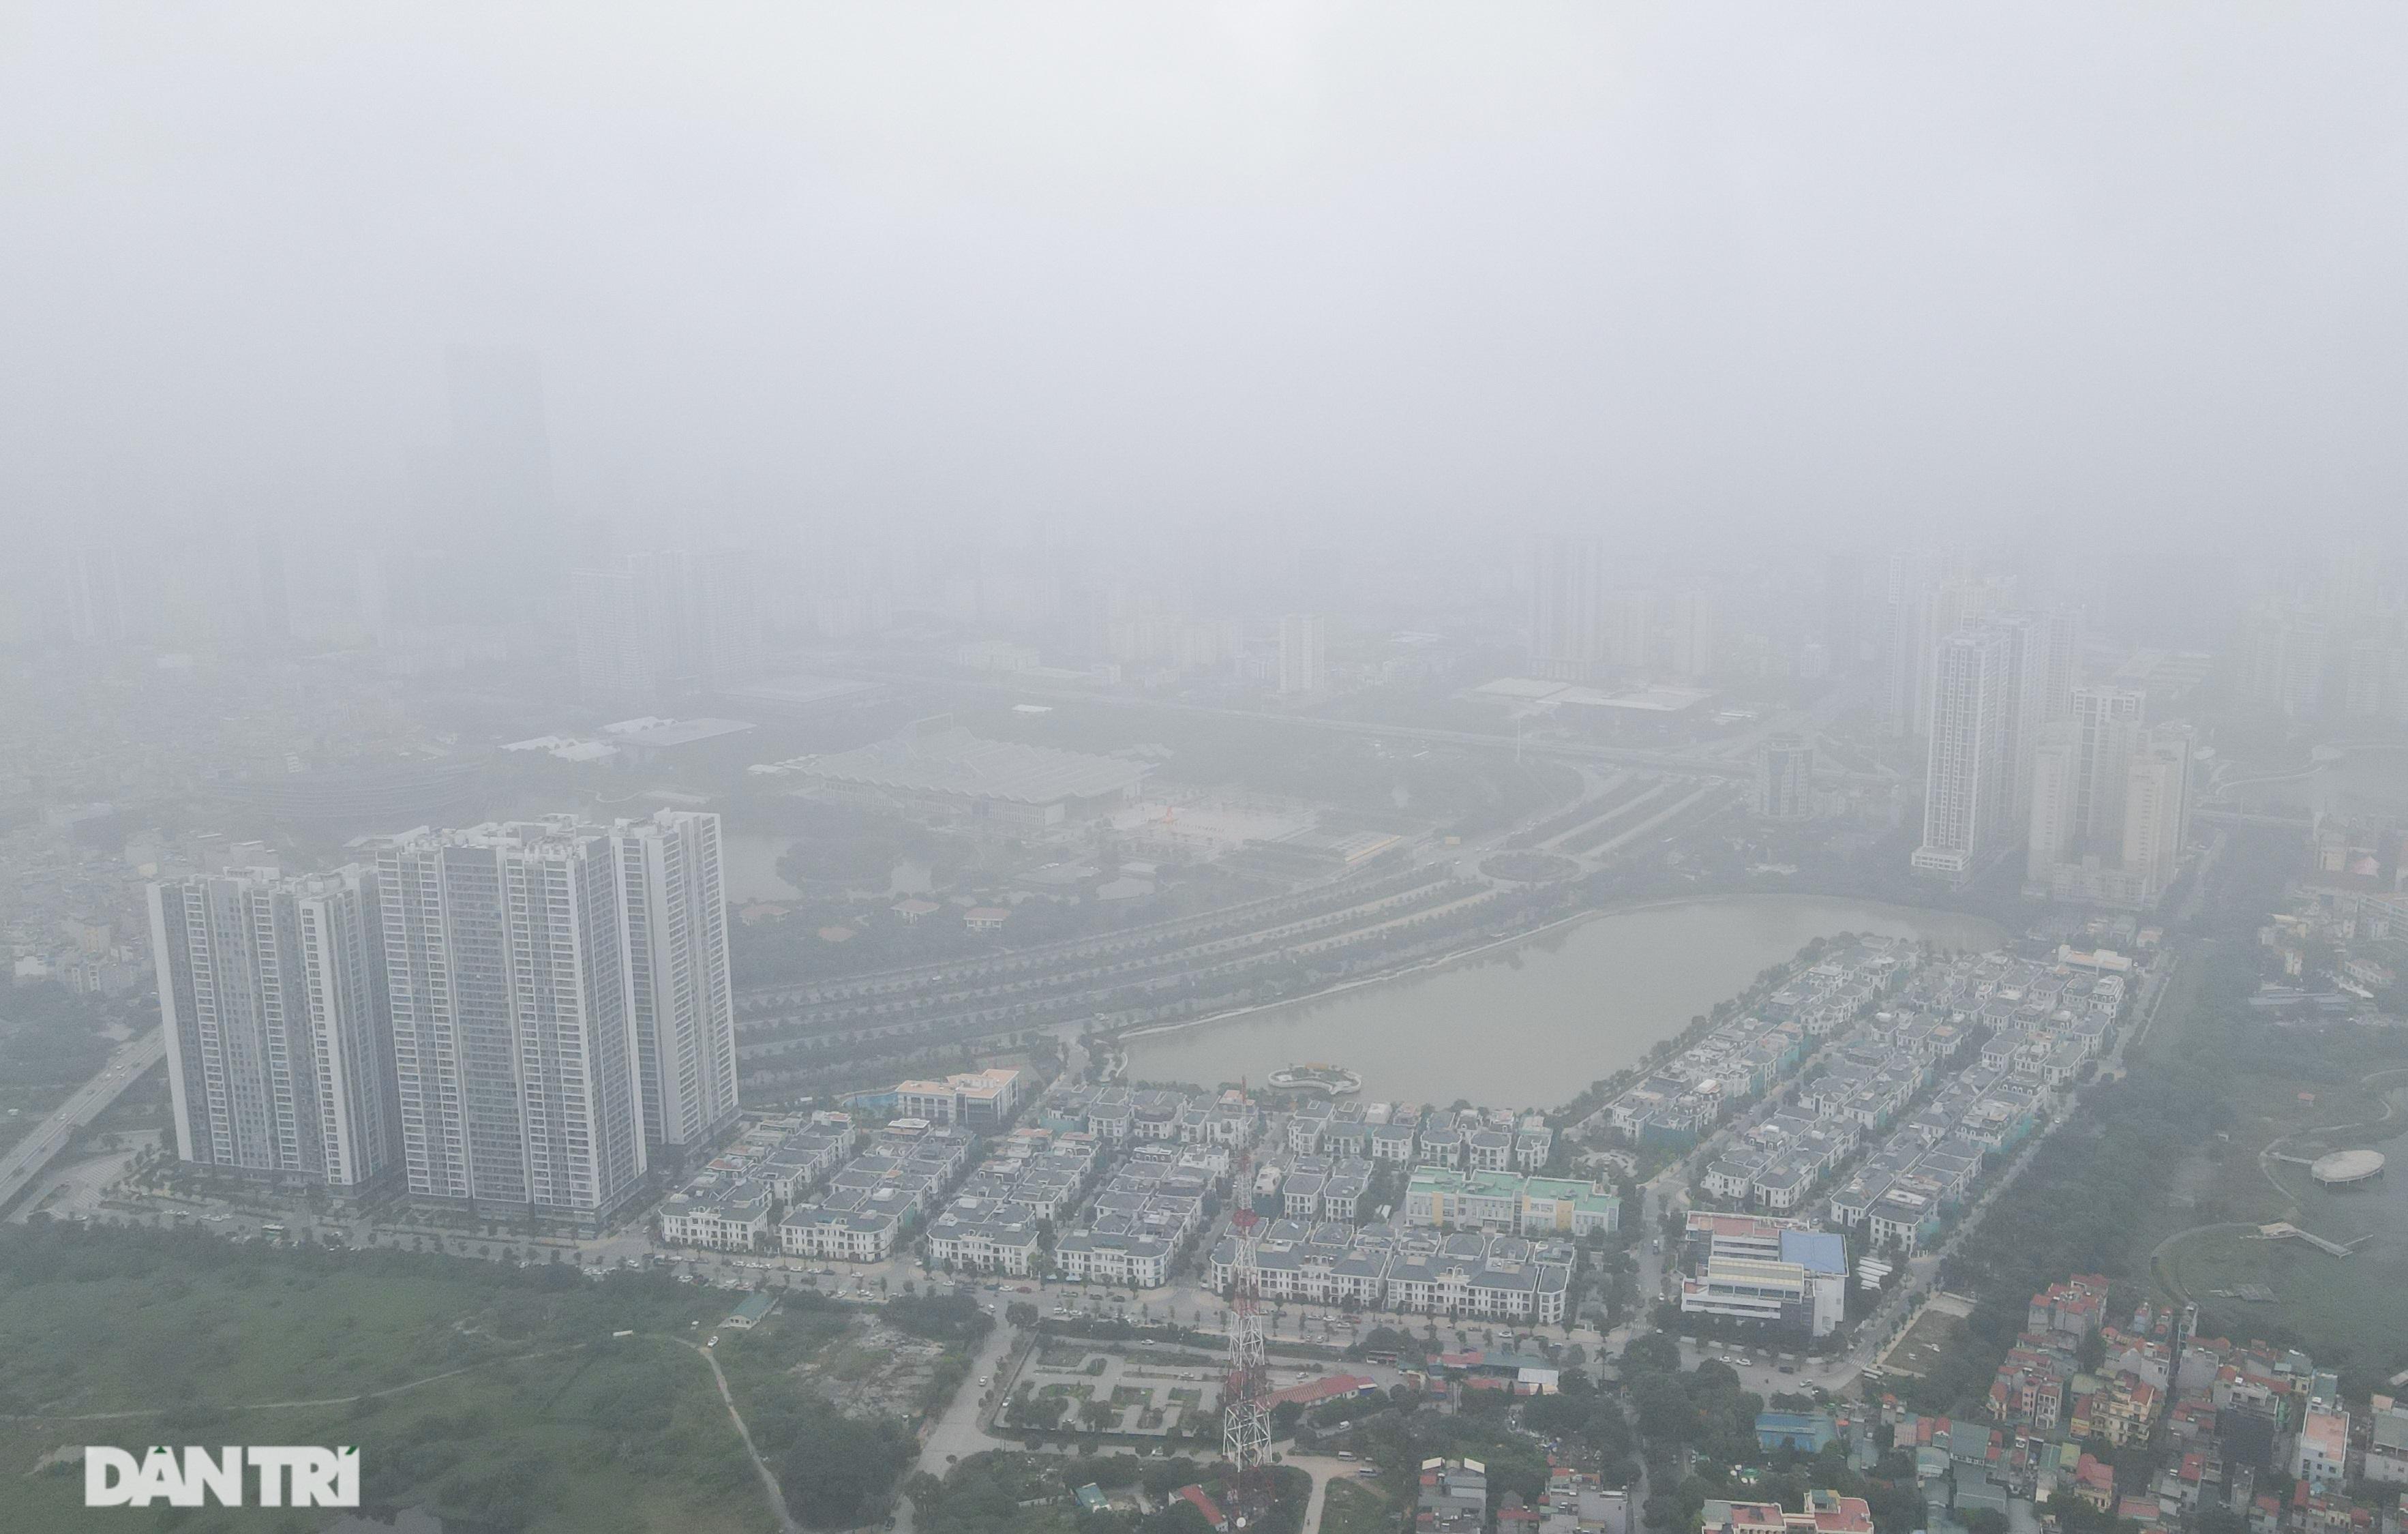 Xuất hiện hiện tượng nghịch nhiệt, Hà Nội chìm trong màn sương đục - 4